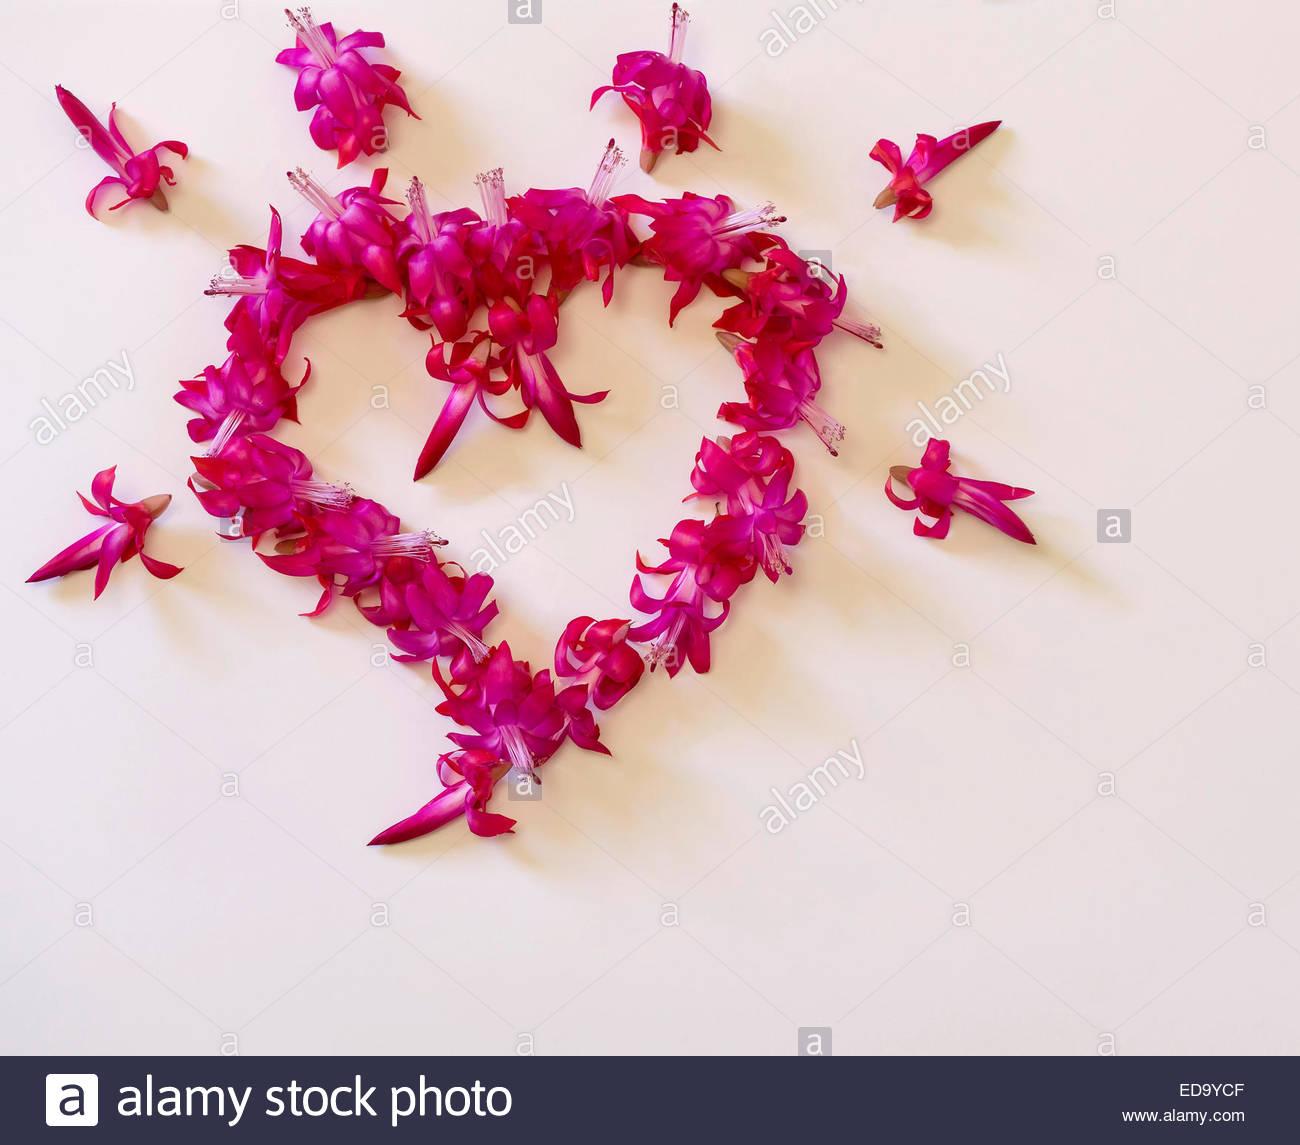 L Amour Le Coeur Le Coeur De Fleurs Mariage Anniversaire Fete